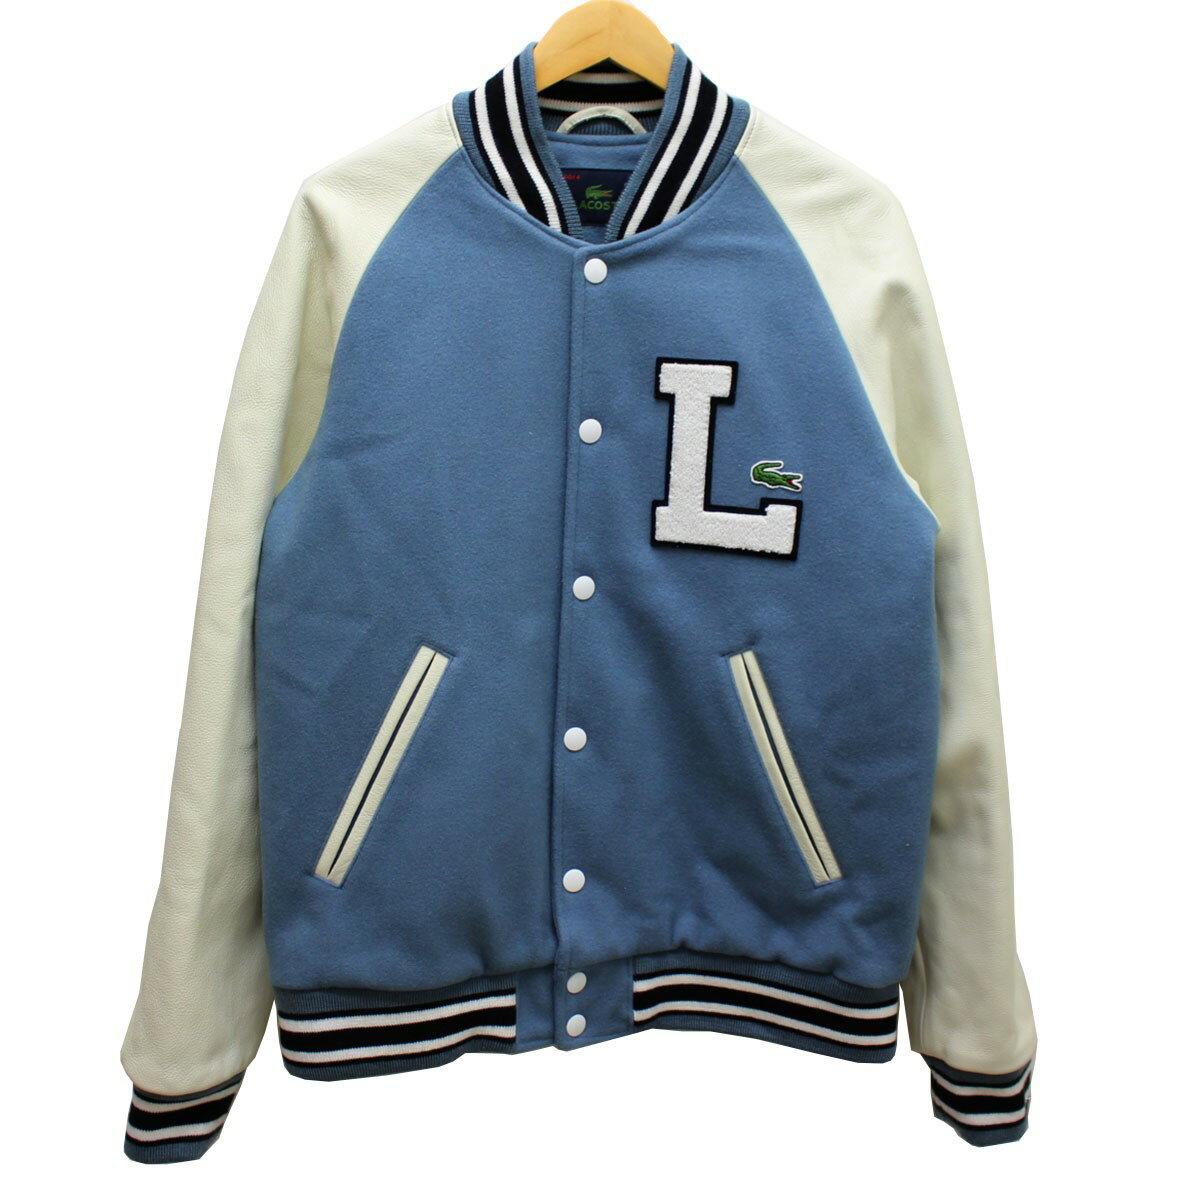 45fd84ac7 LACOSTE award jacket arm leather stadium jacket off-white, blue other size:  50(M) (Lacoste)